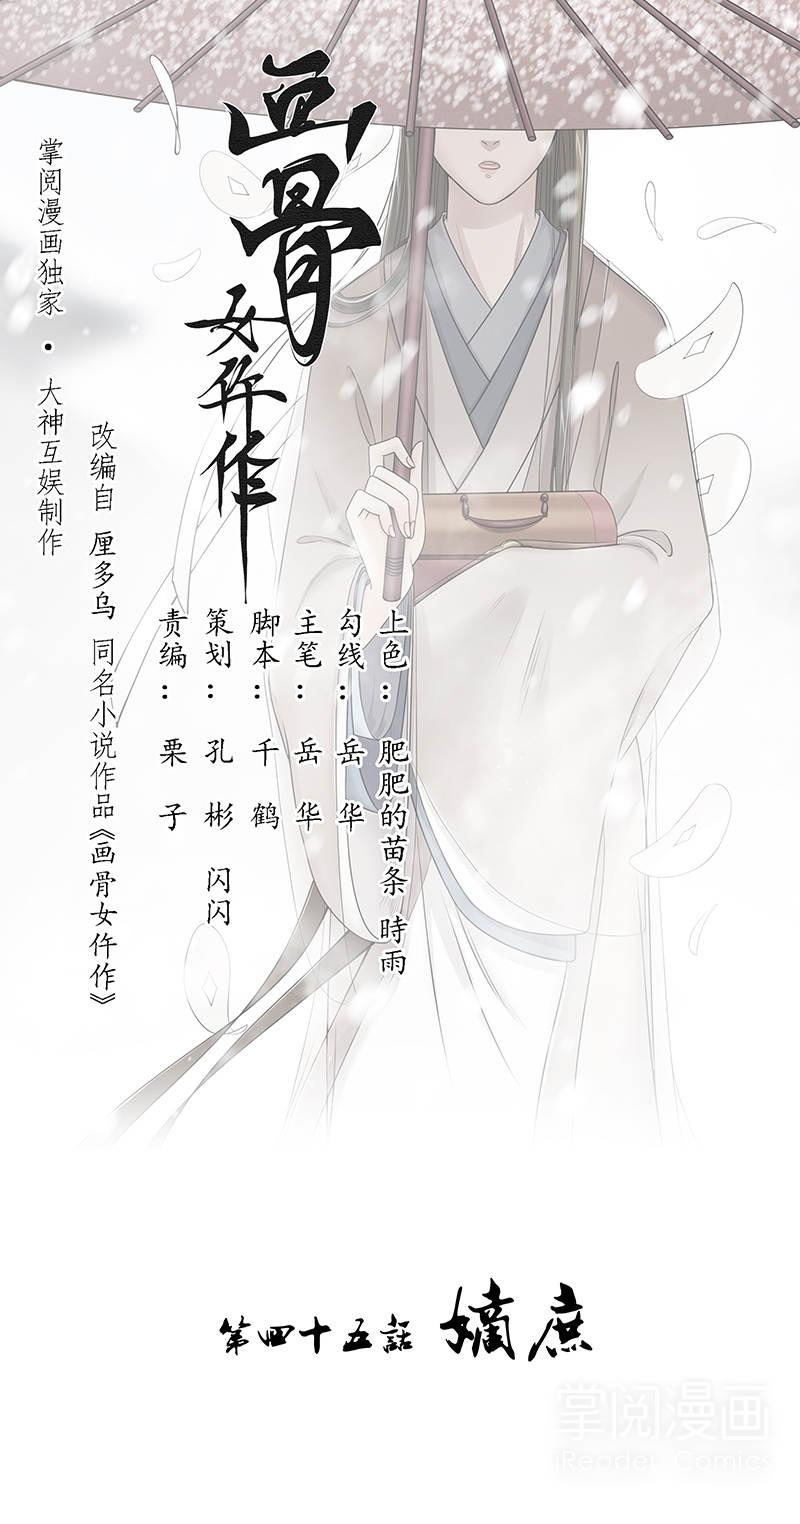 画骨女仵作第49话  嫡庶 第 1